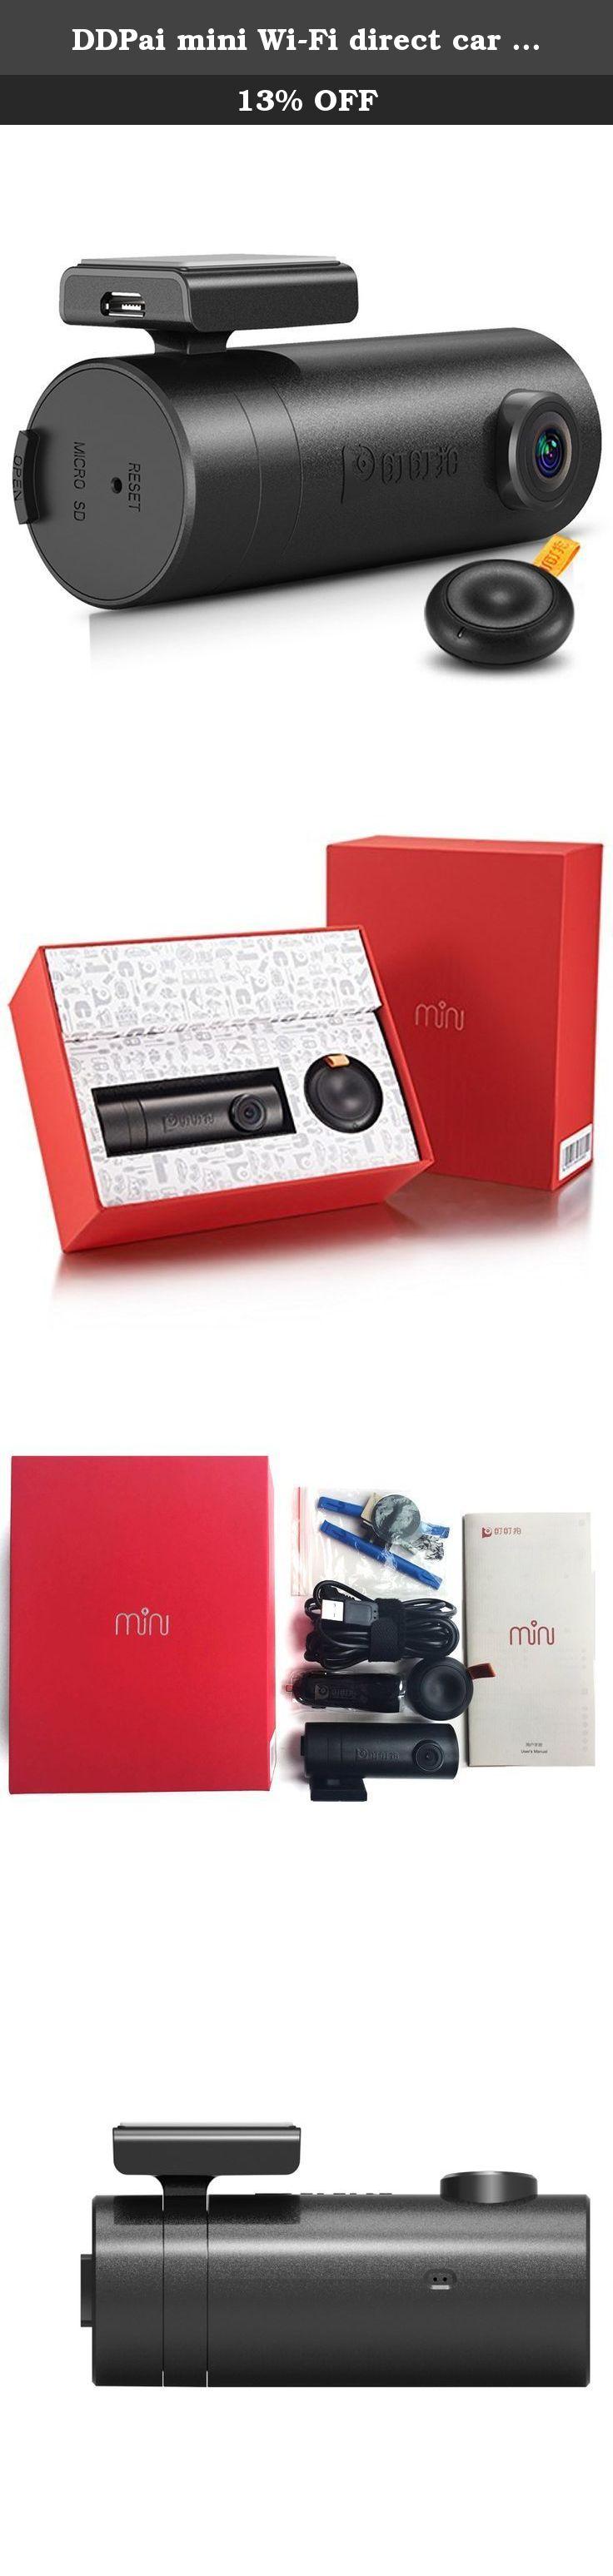 DDPai mini WiFi direct car DVR recorder Full HD 1080P